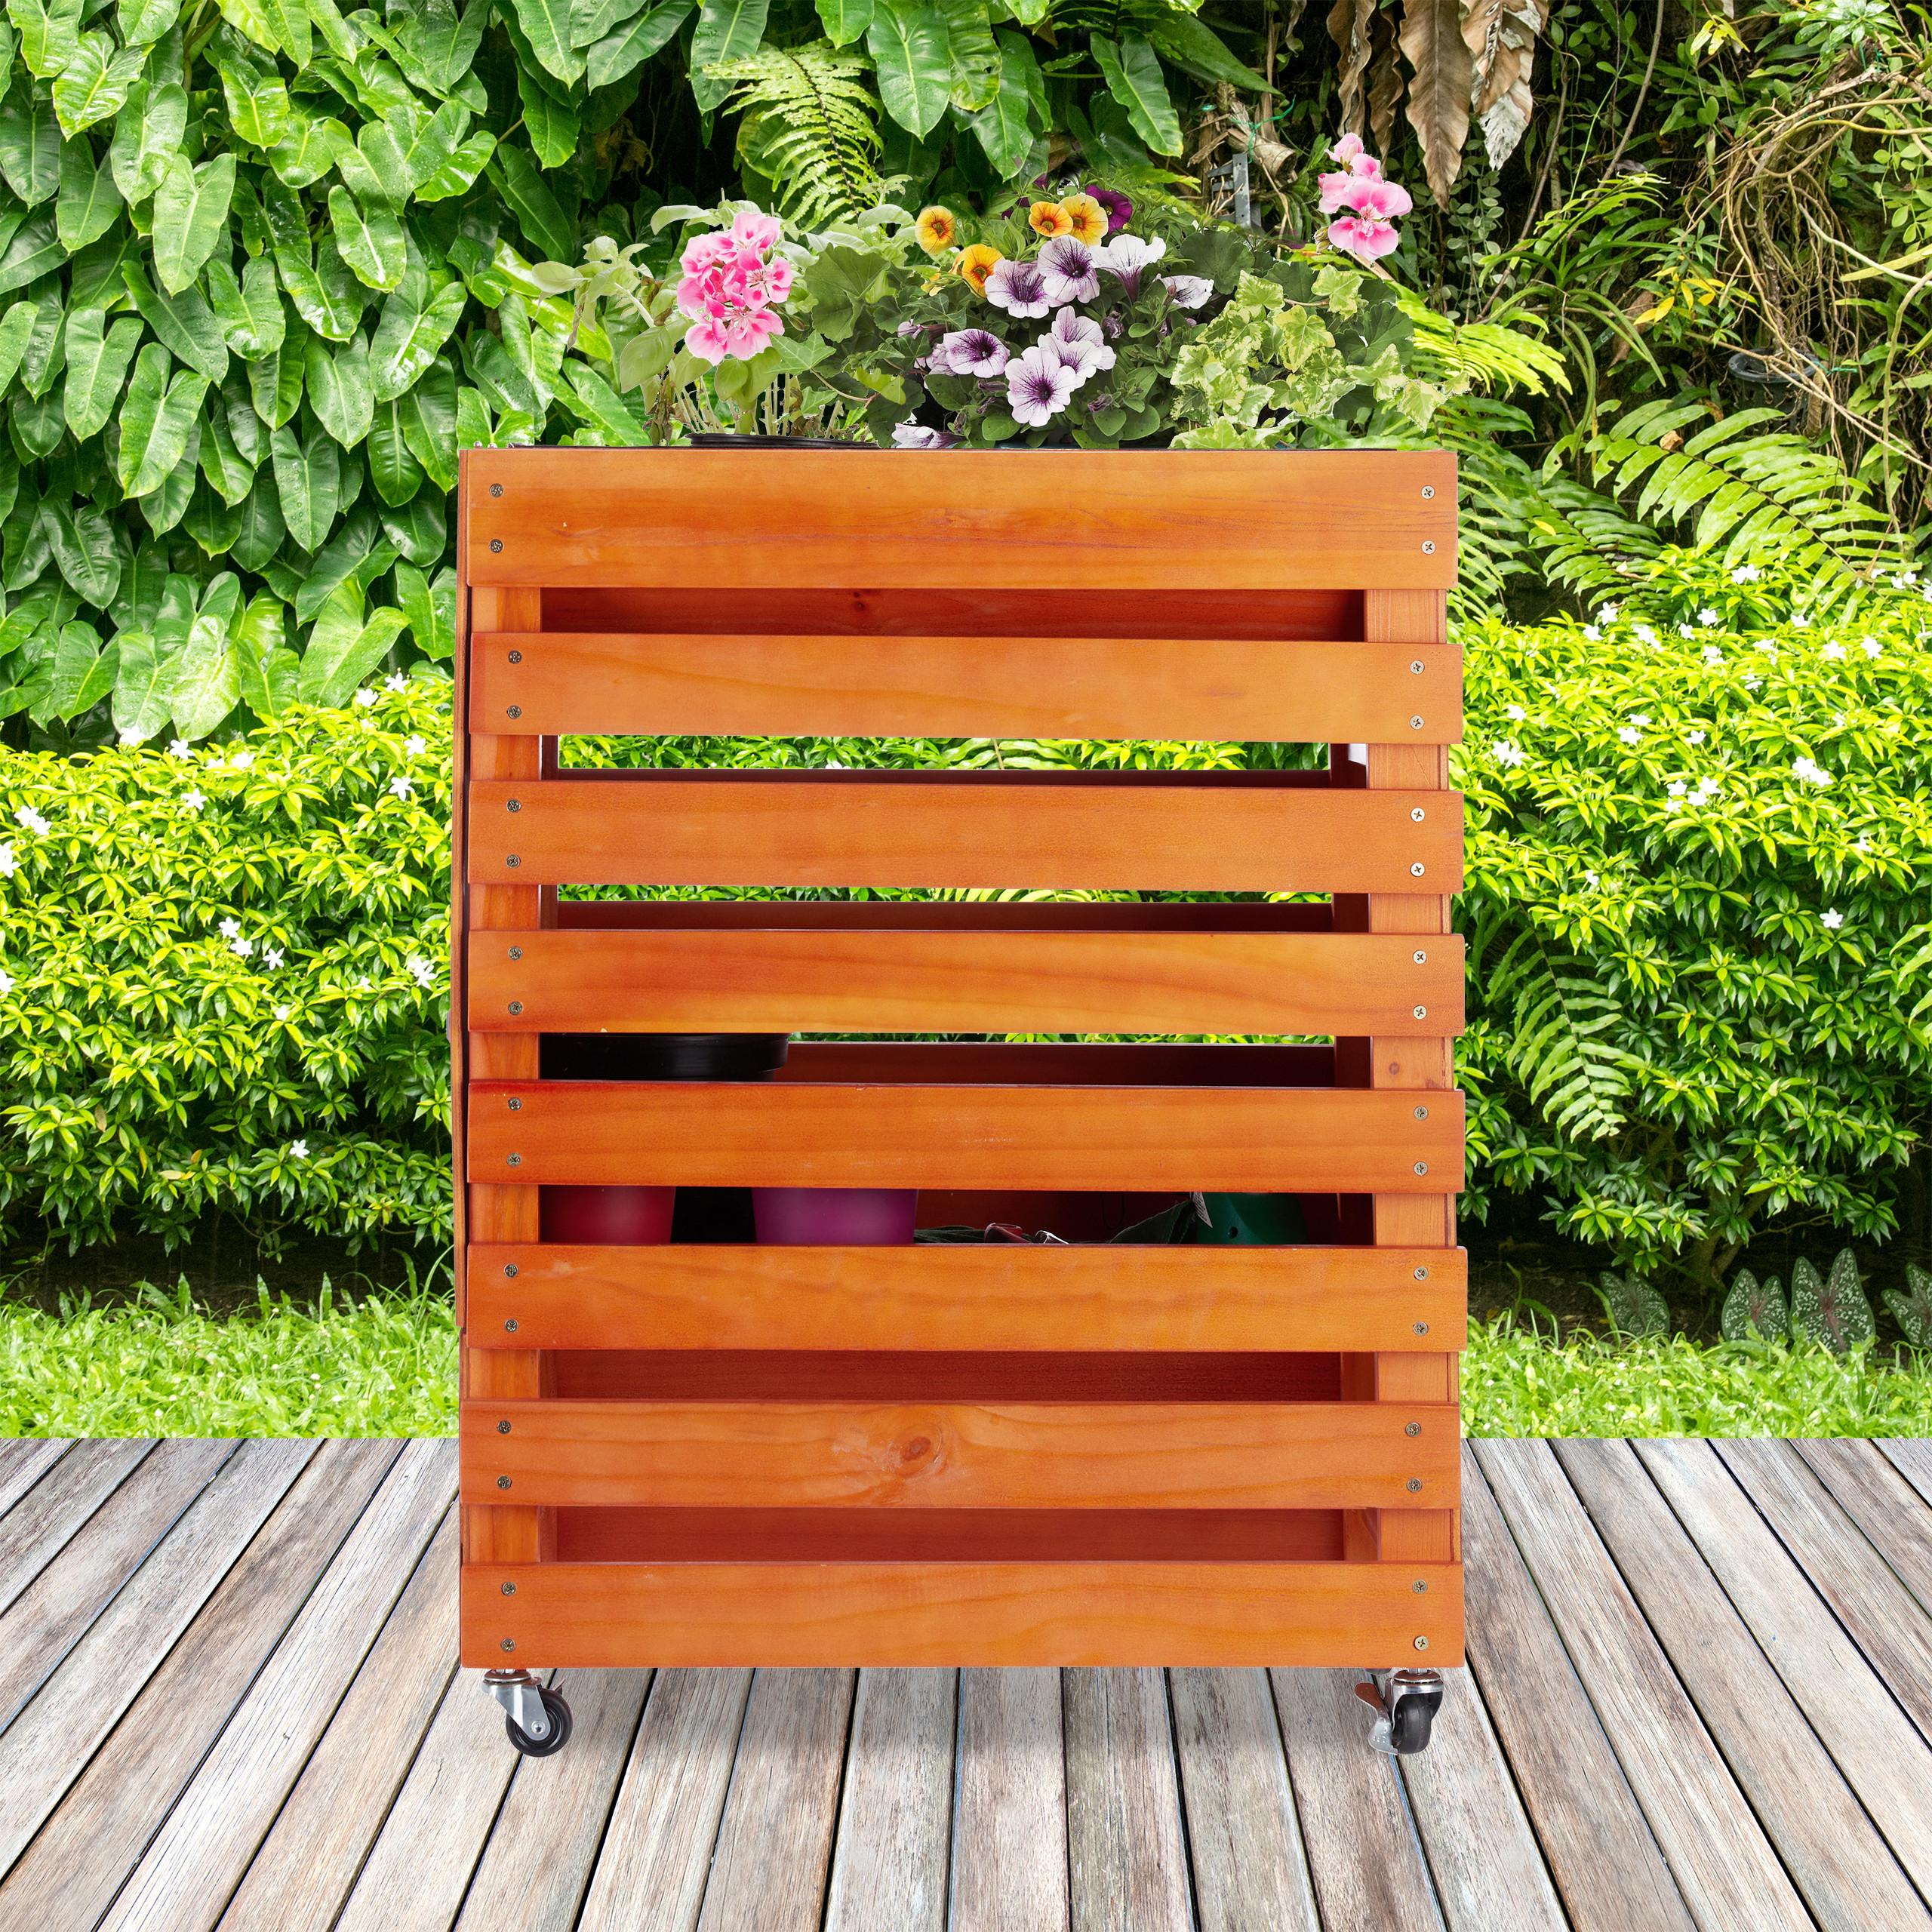 hochbeet holz trog blumenkasten pflanzkasten fr hbeet auf. Black Bedroom Furniture Sets. Home Design Ideas